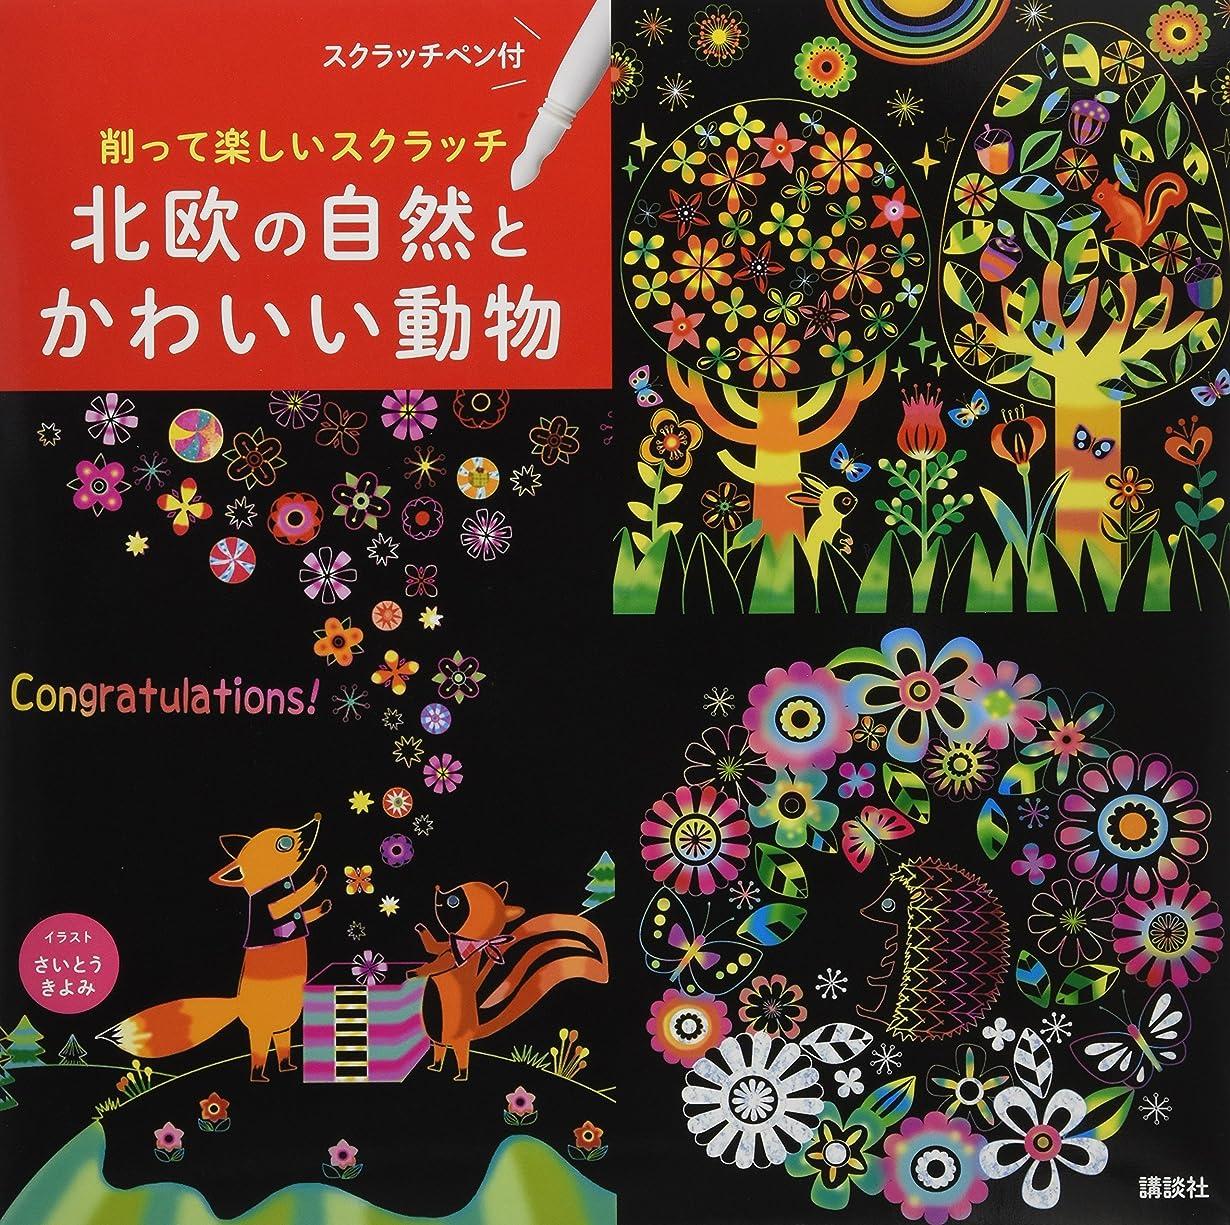 リーガン歩行者範囲日本の装飾と文様